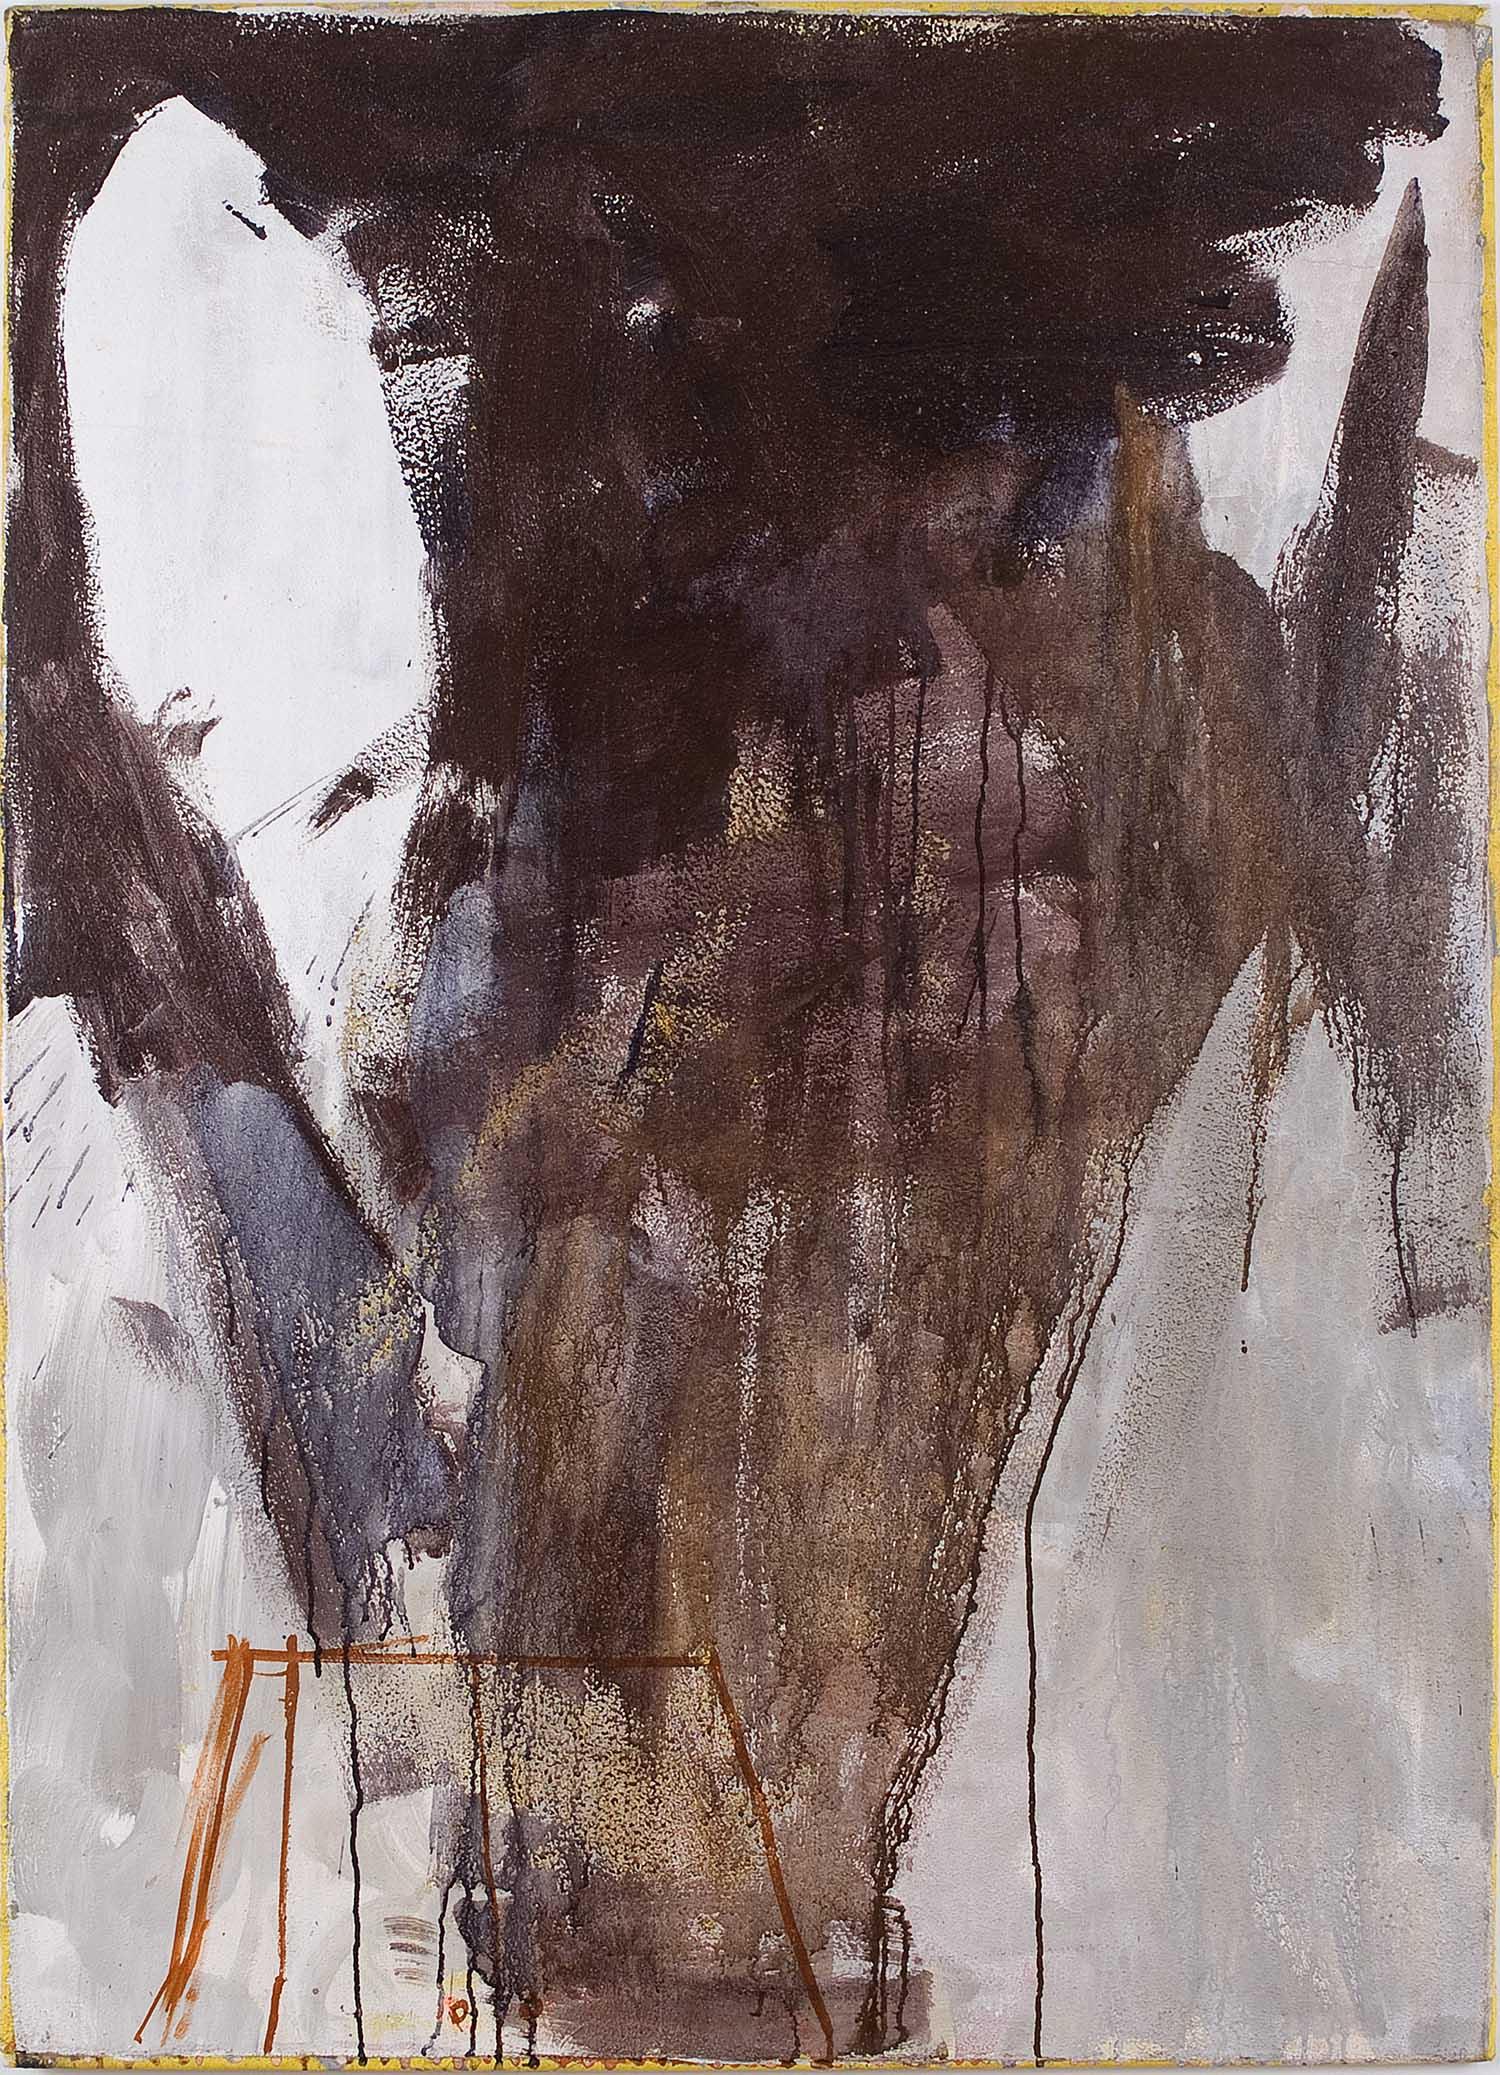 o.T. | n.d. | Öl und Mischtechnik auf Leinwand | 140 x 100 cm